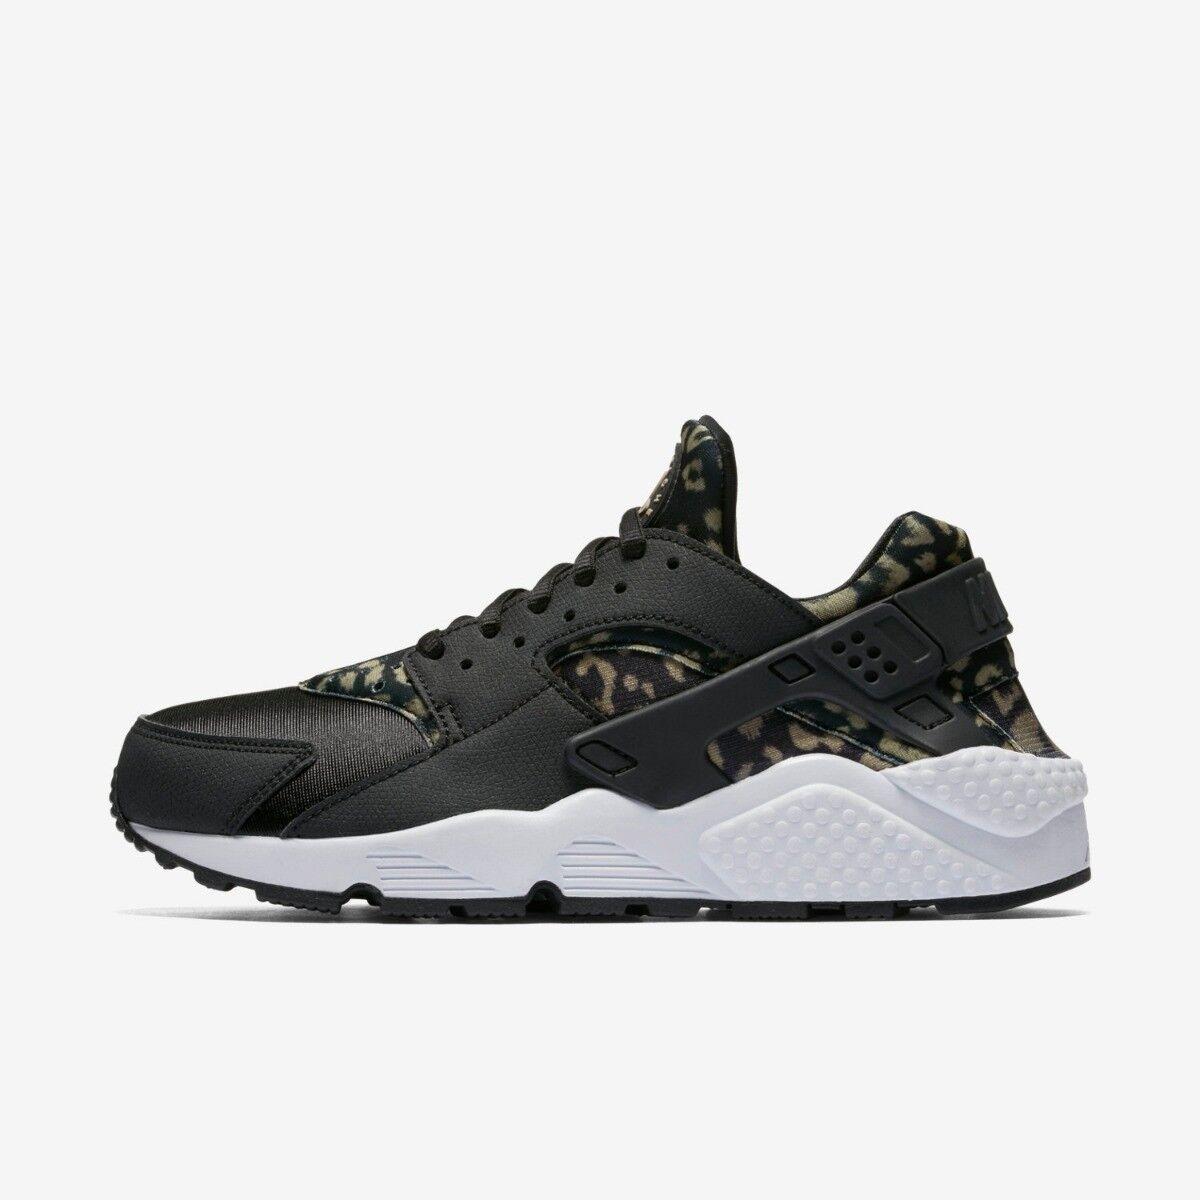 Nike da Donna Air Huarache Run Stampa Corsa Scarpe Allenamento Taglia